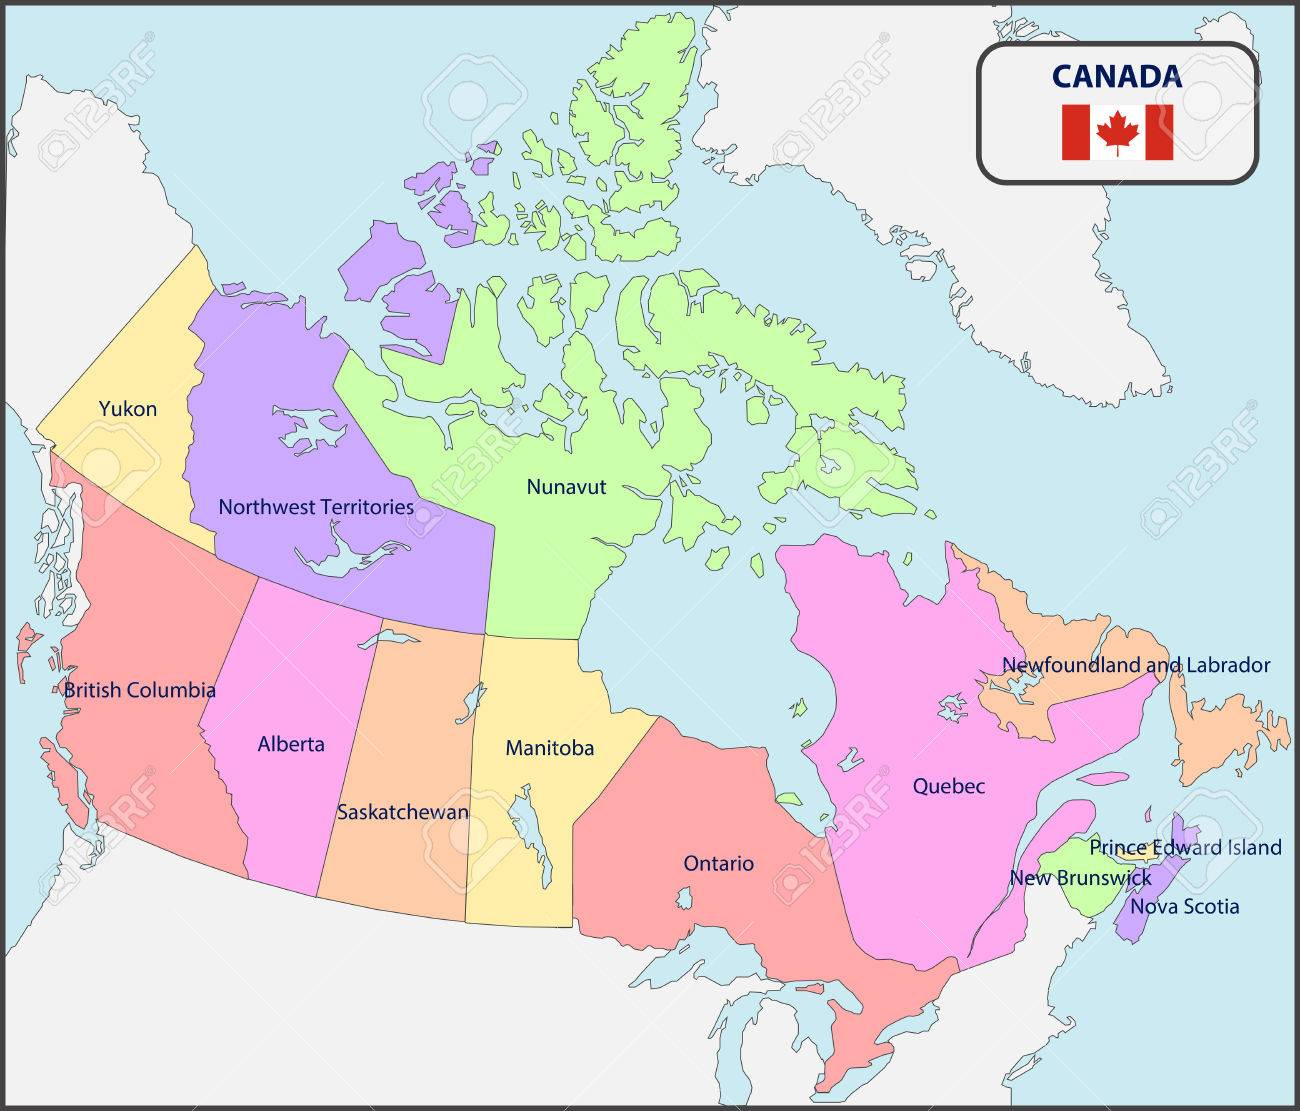 Mapa Politico De Canada Con Los Nombres